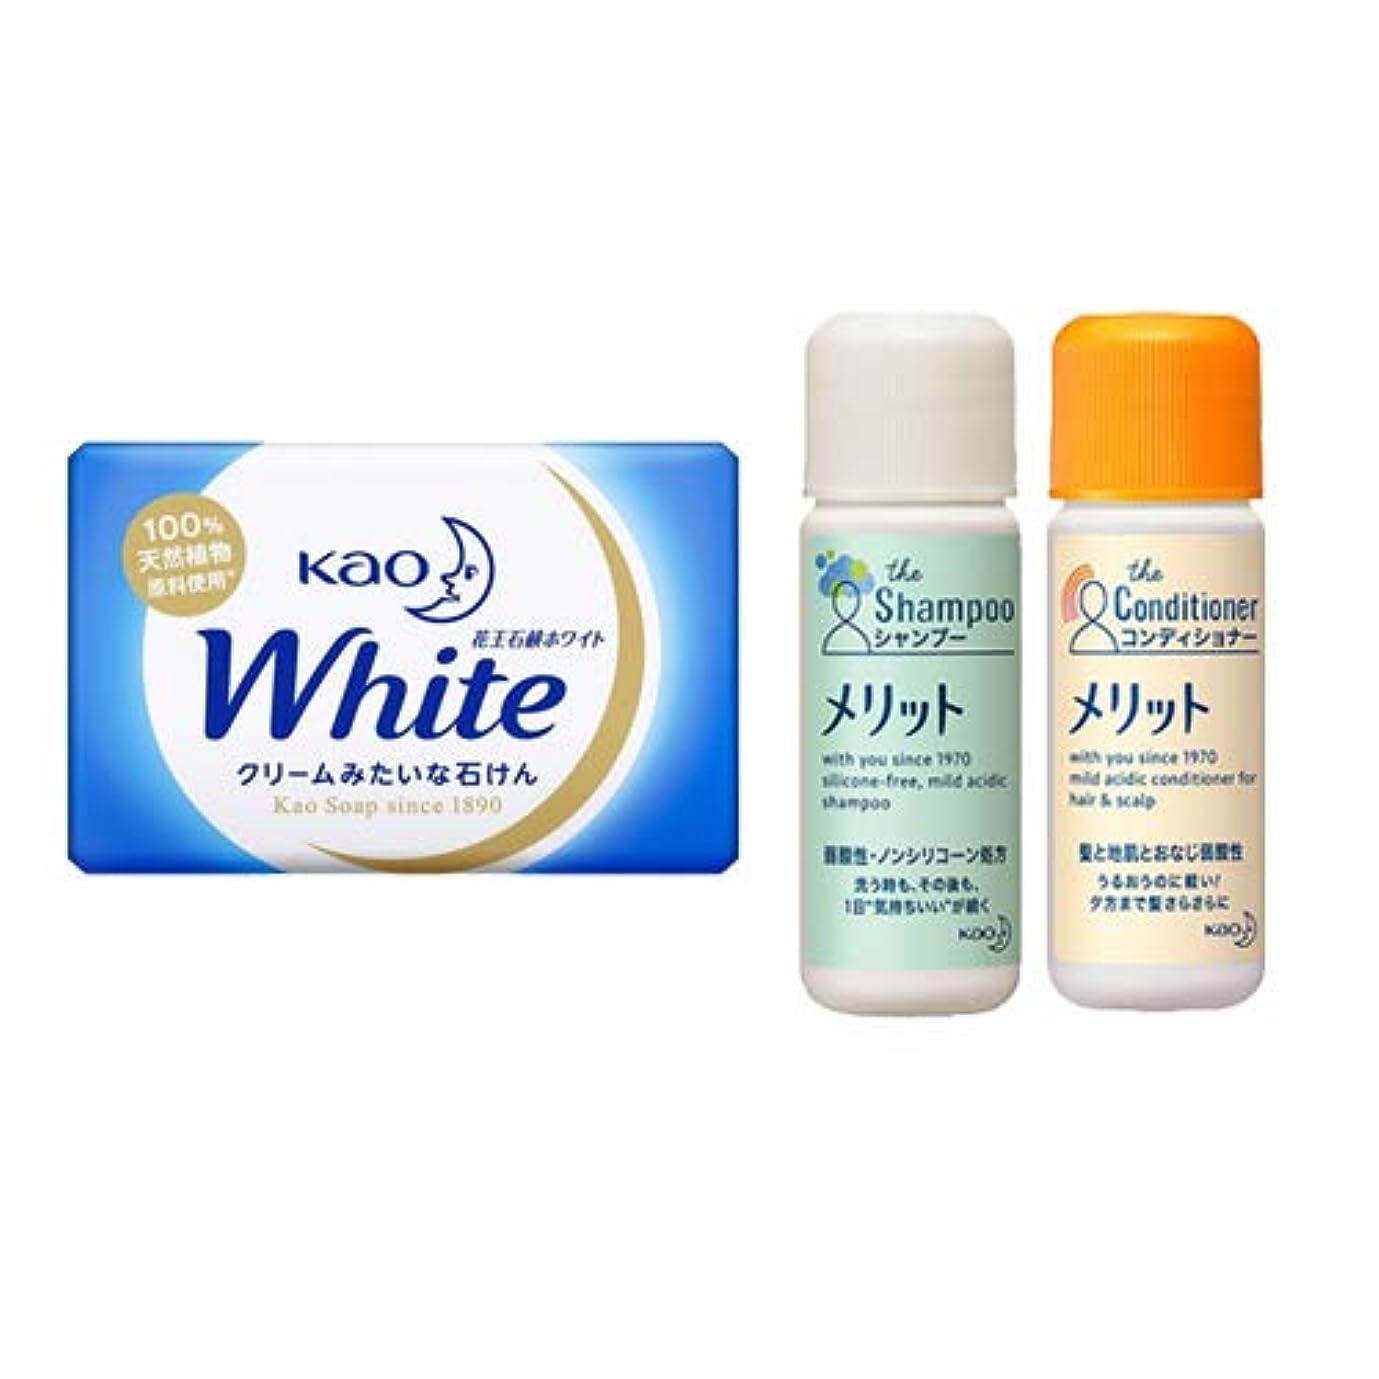 アンドリューハリディグレーサイト花王(KAO) 石鹸ホワイト(Kao Soap White) 15g + メリットシャンプー 16ml + リンス 16ml セット